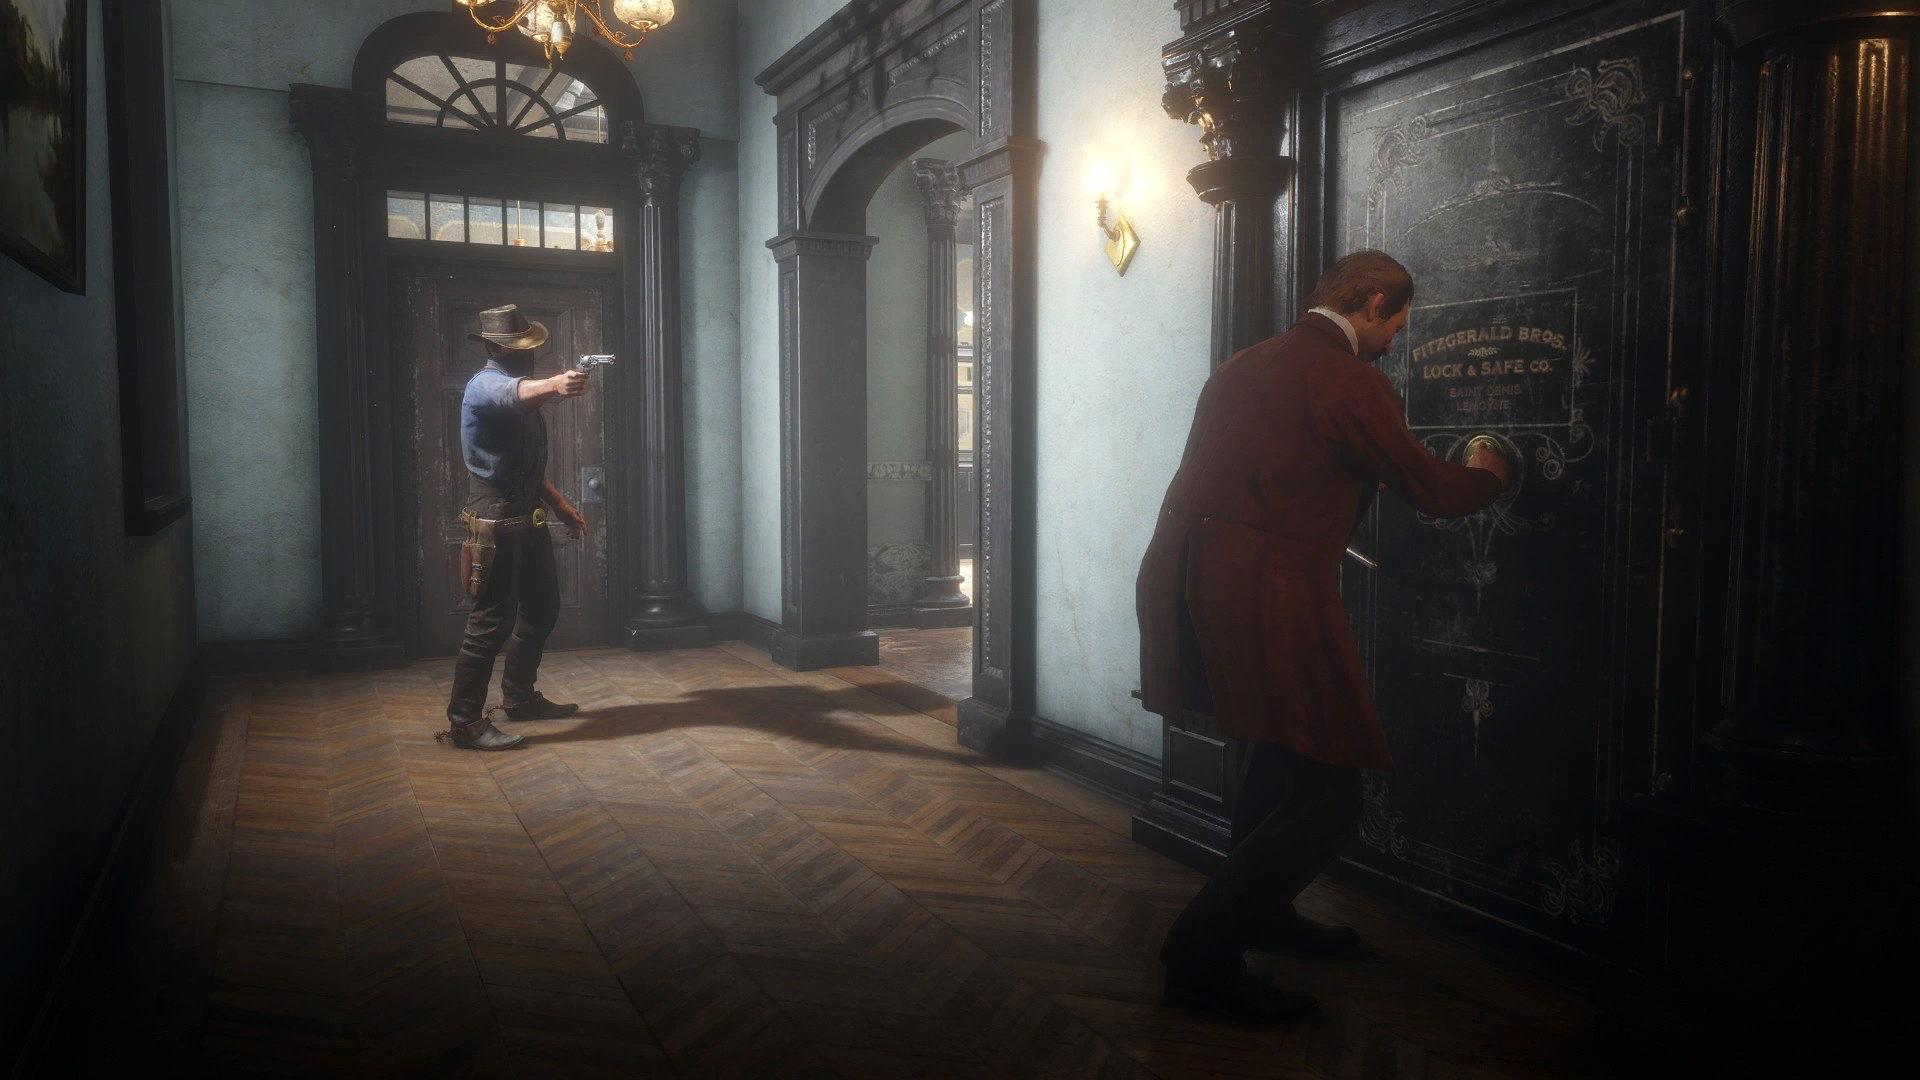 《荒野大镖客2》抢银行Mod 让你变成真正的西部大盗